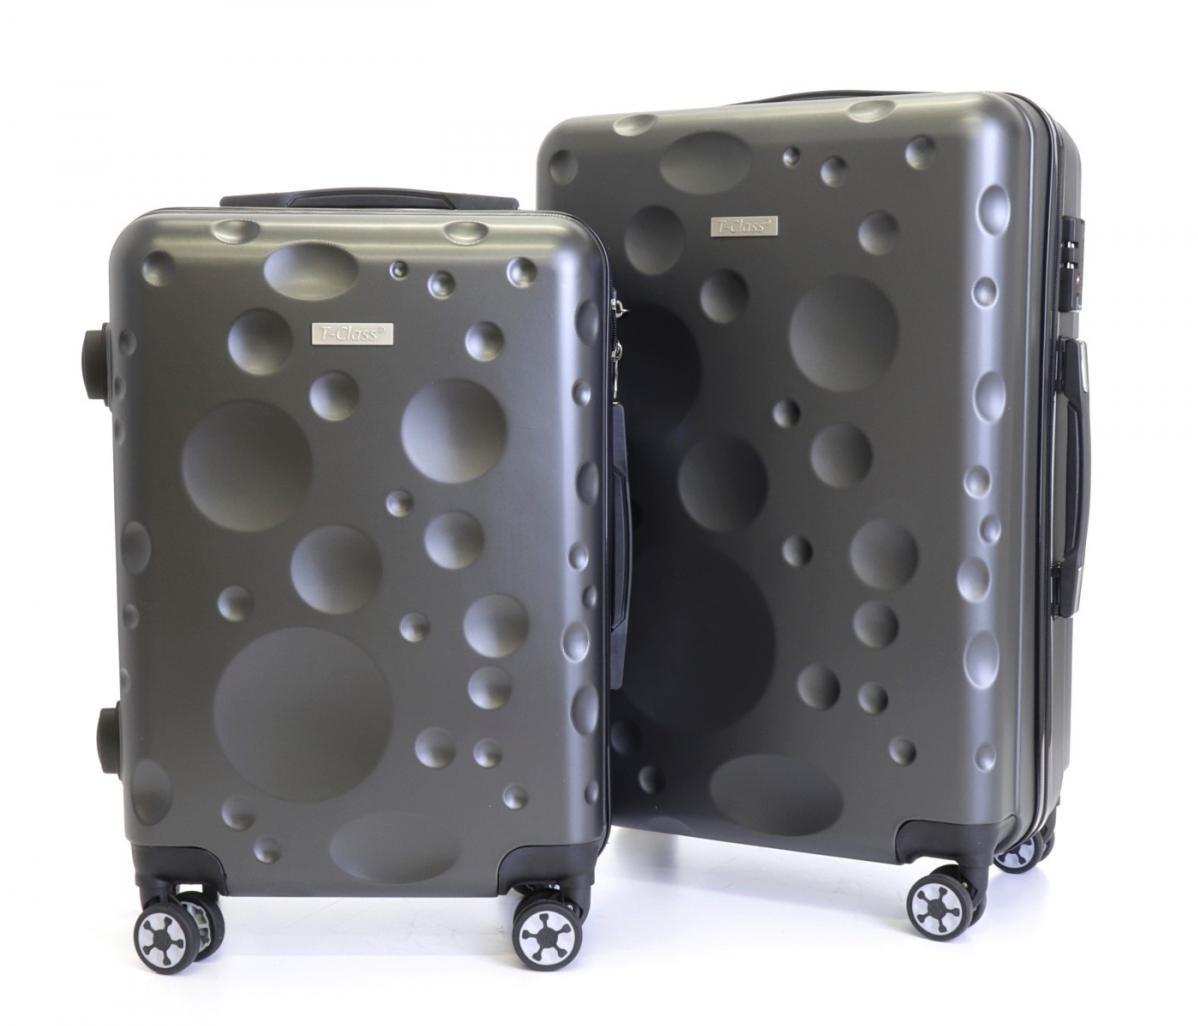 Sada 2 cestovních kufrů T-Class® TC628,s TSA zámkem  šedá